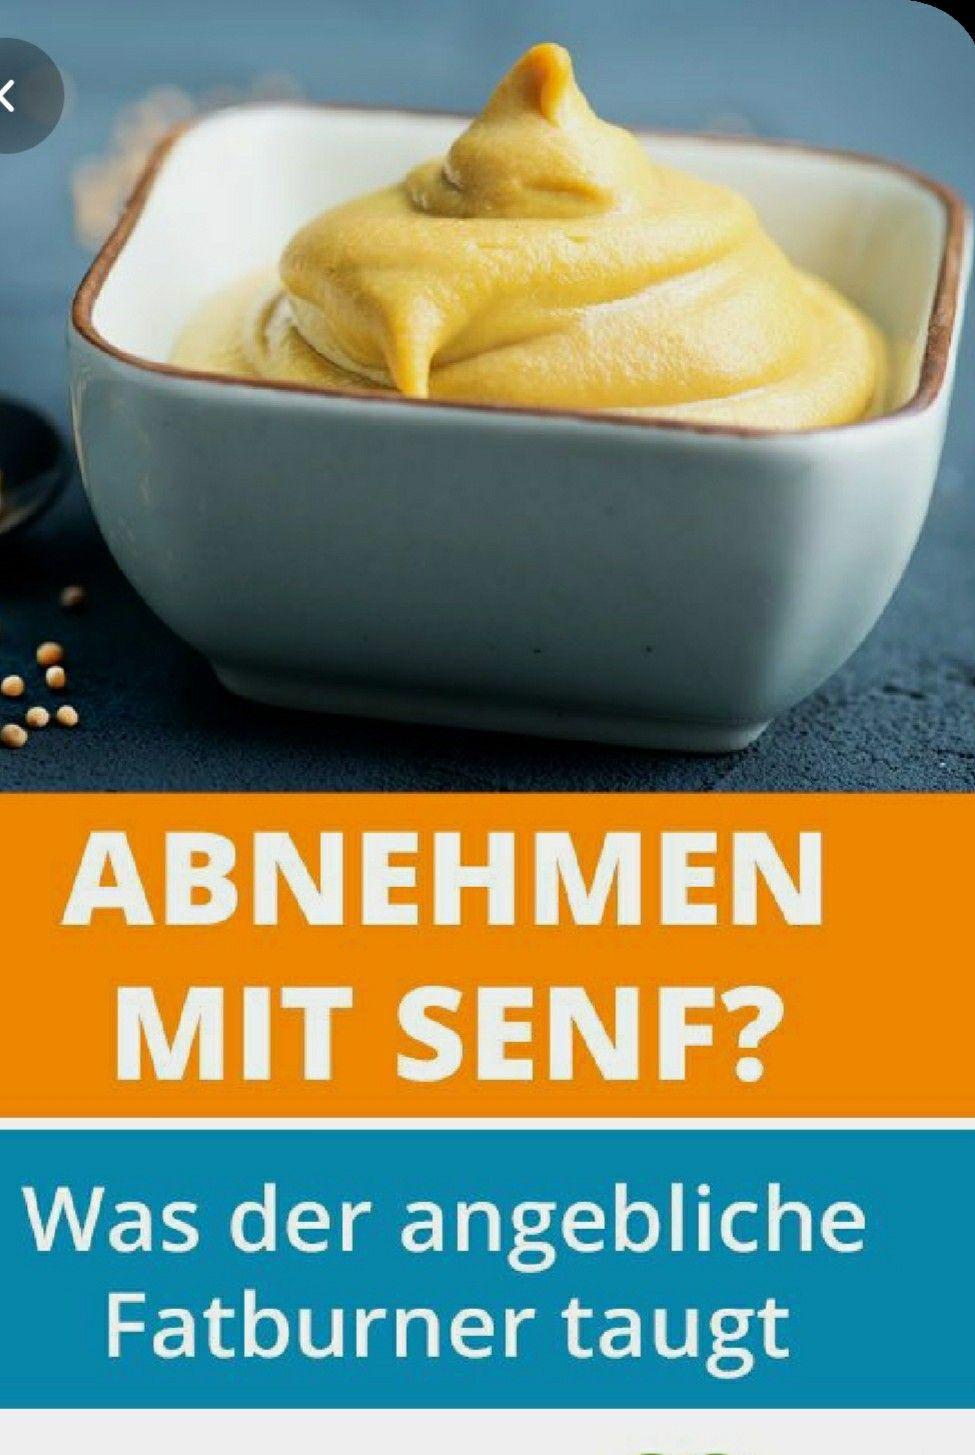 #Kalorien #Mit #Senf #verbrennen Gibt es Lebensmittel, die..